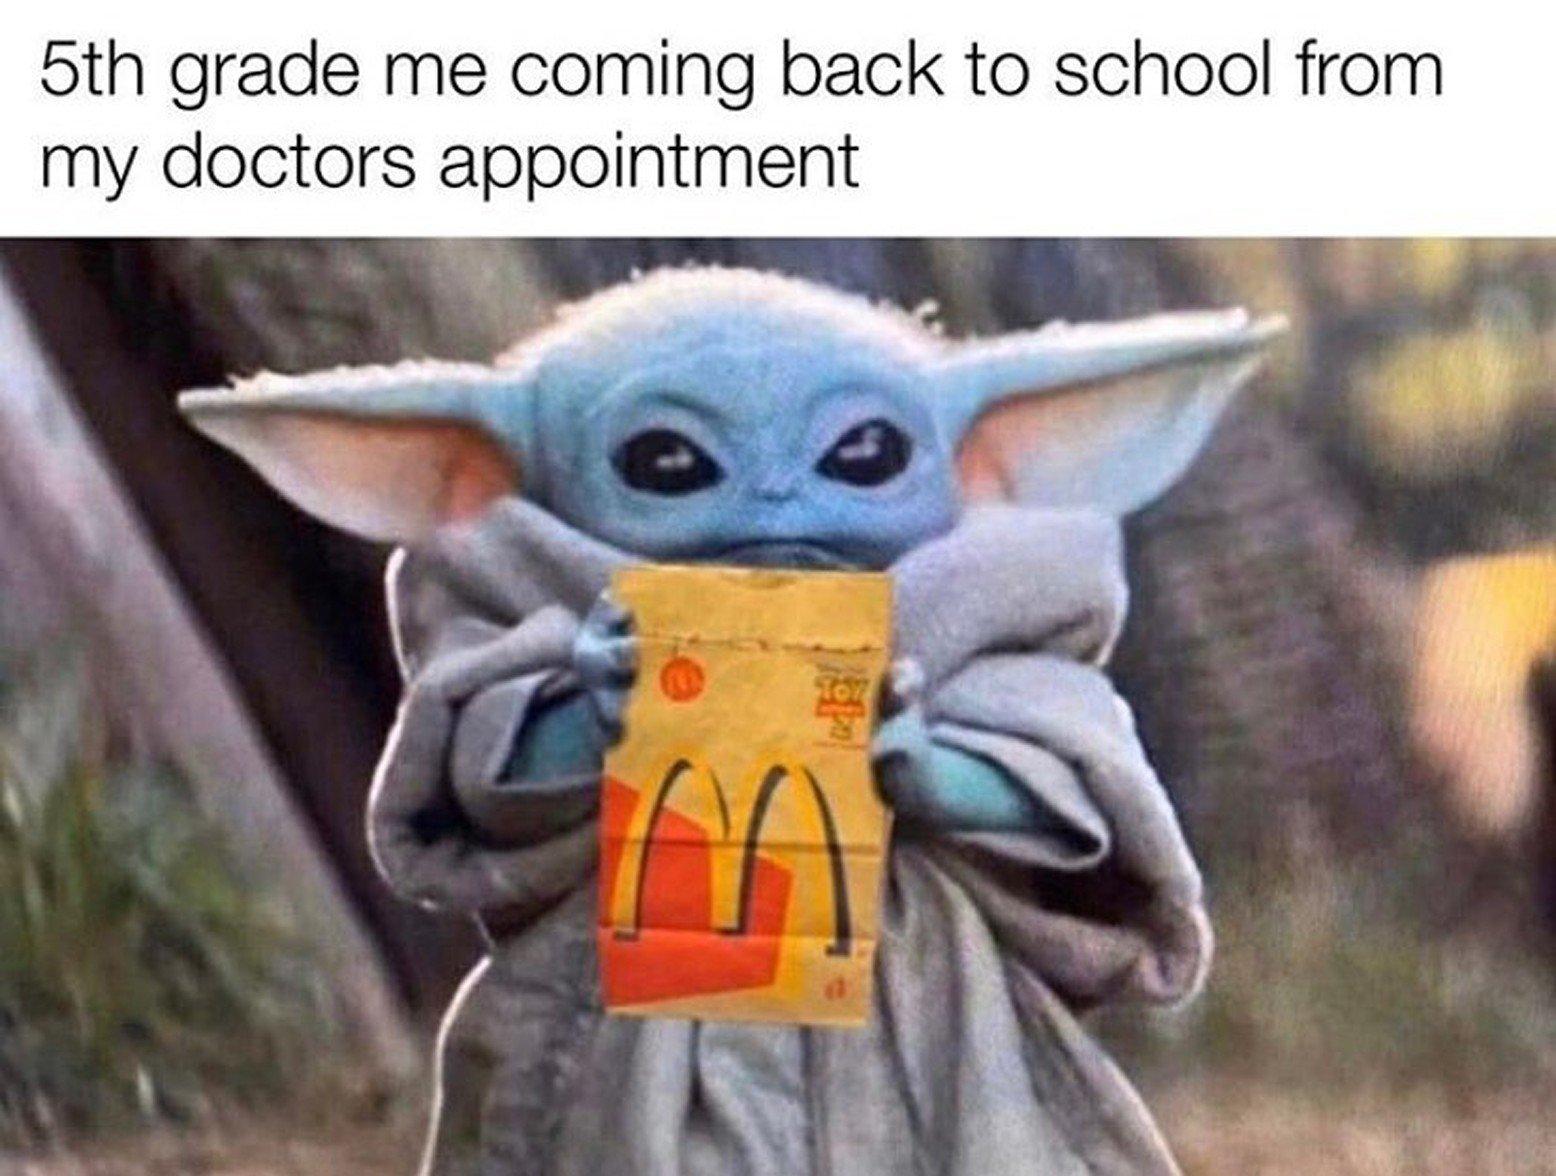 mcdonalds bitch - meme